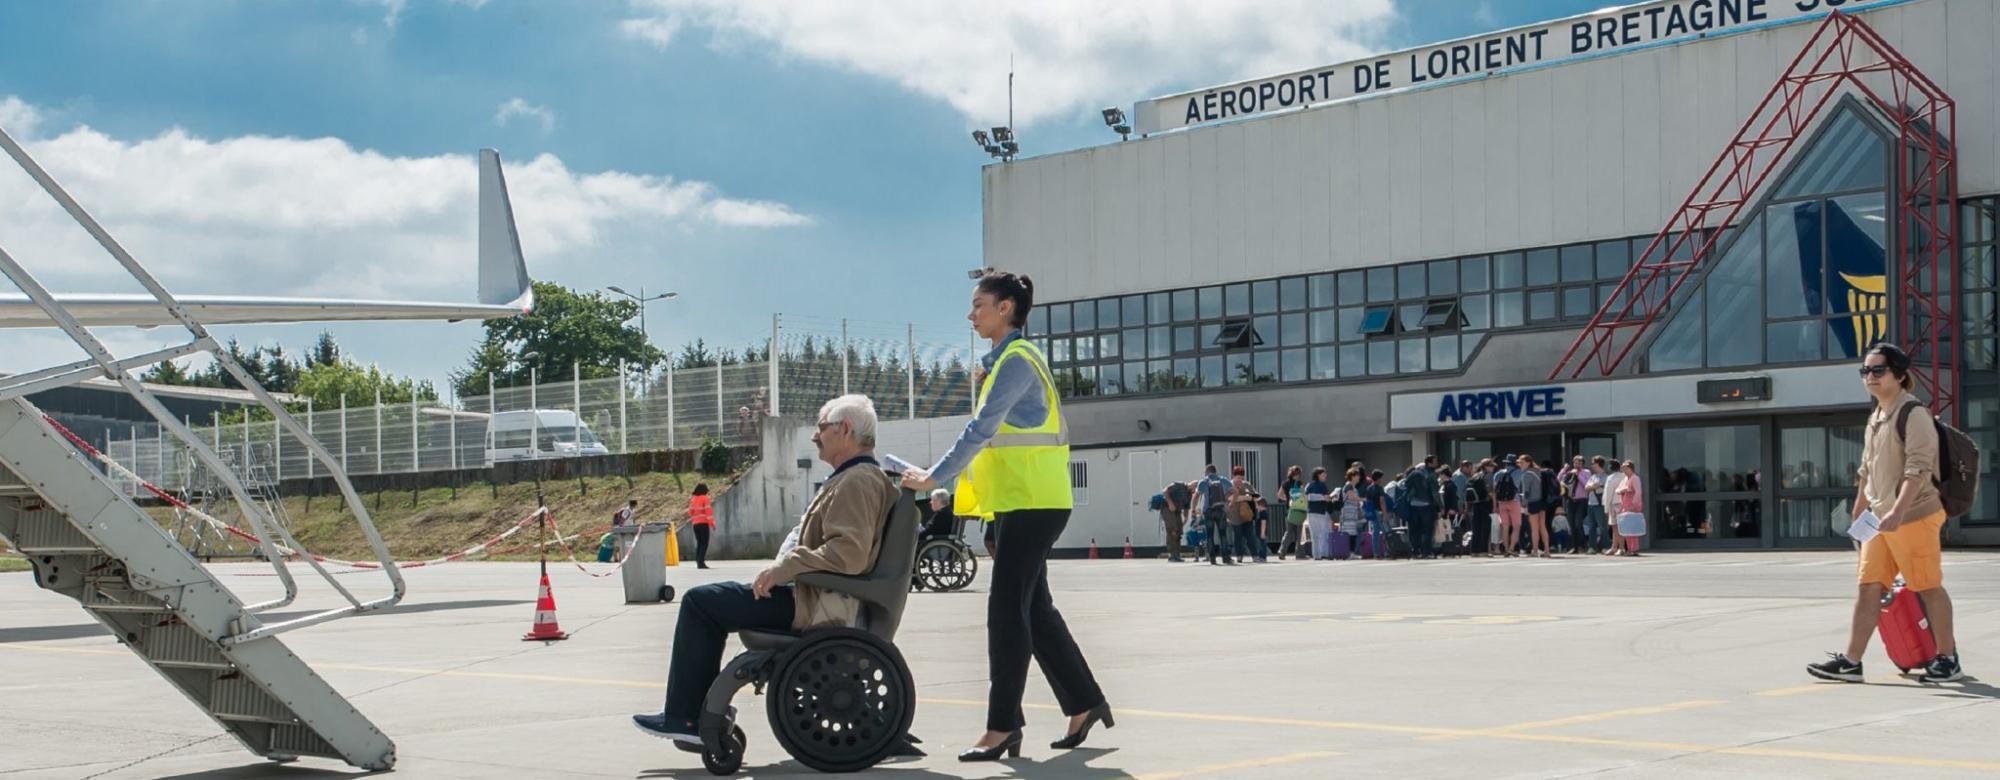 Prise en charge d'une personne en fauteuil roulant à l'aéroport de Lorient Bretagne Sud à Ploemeur